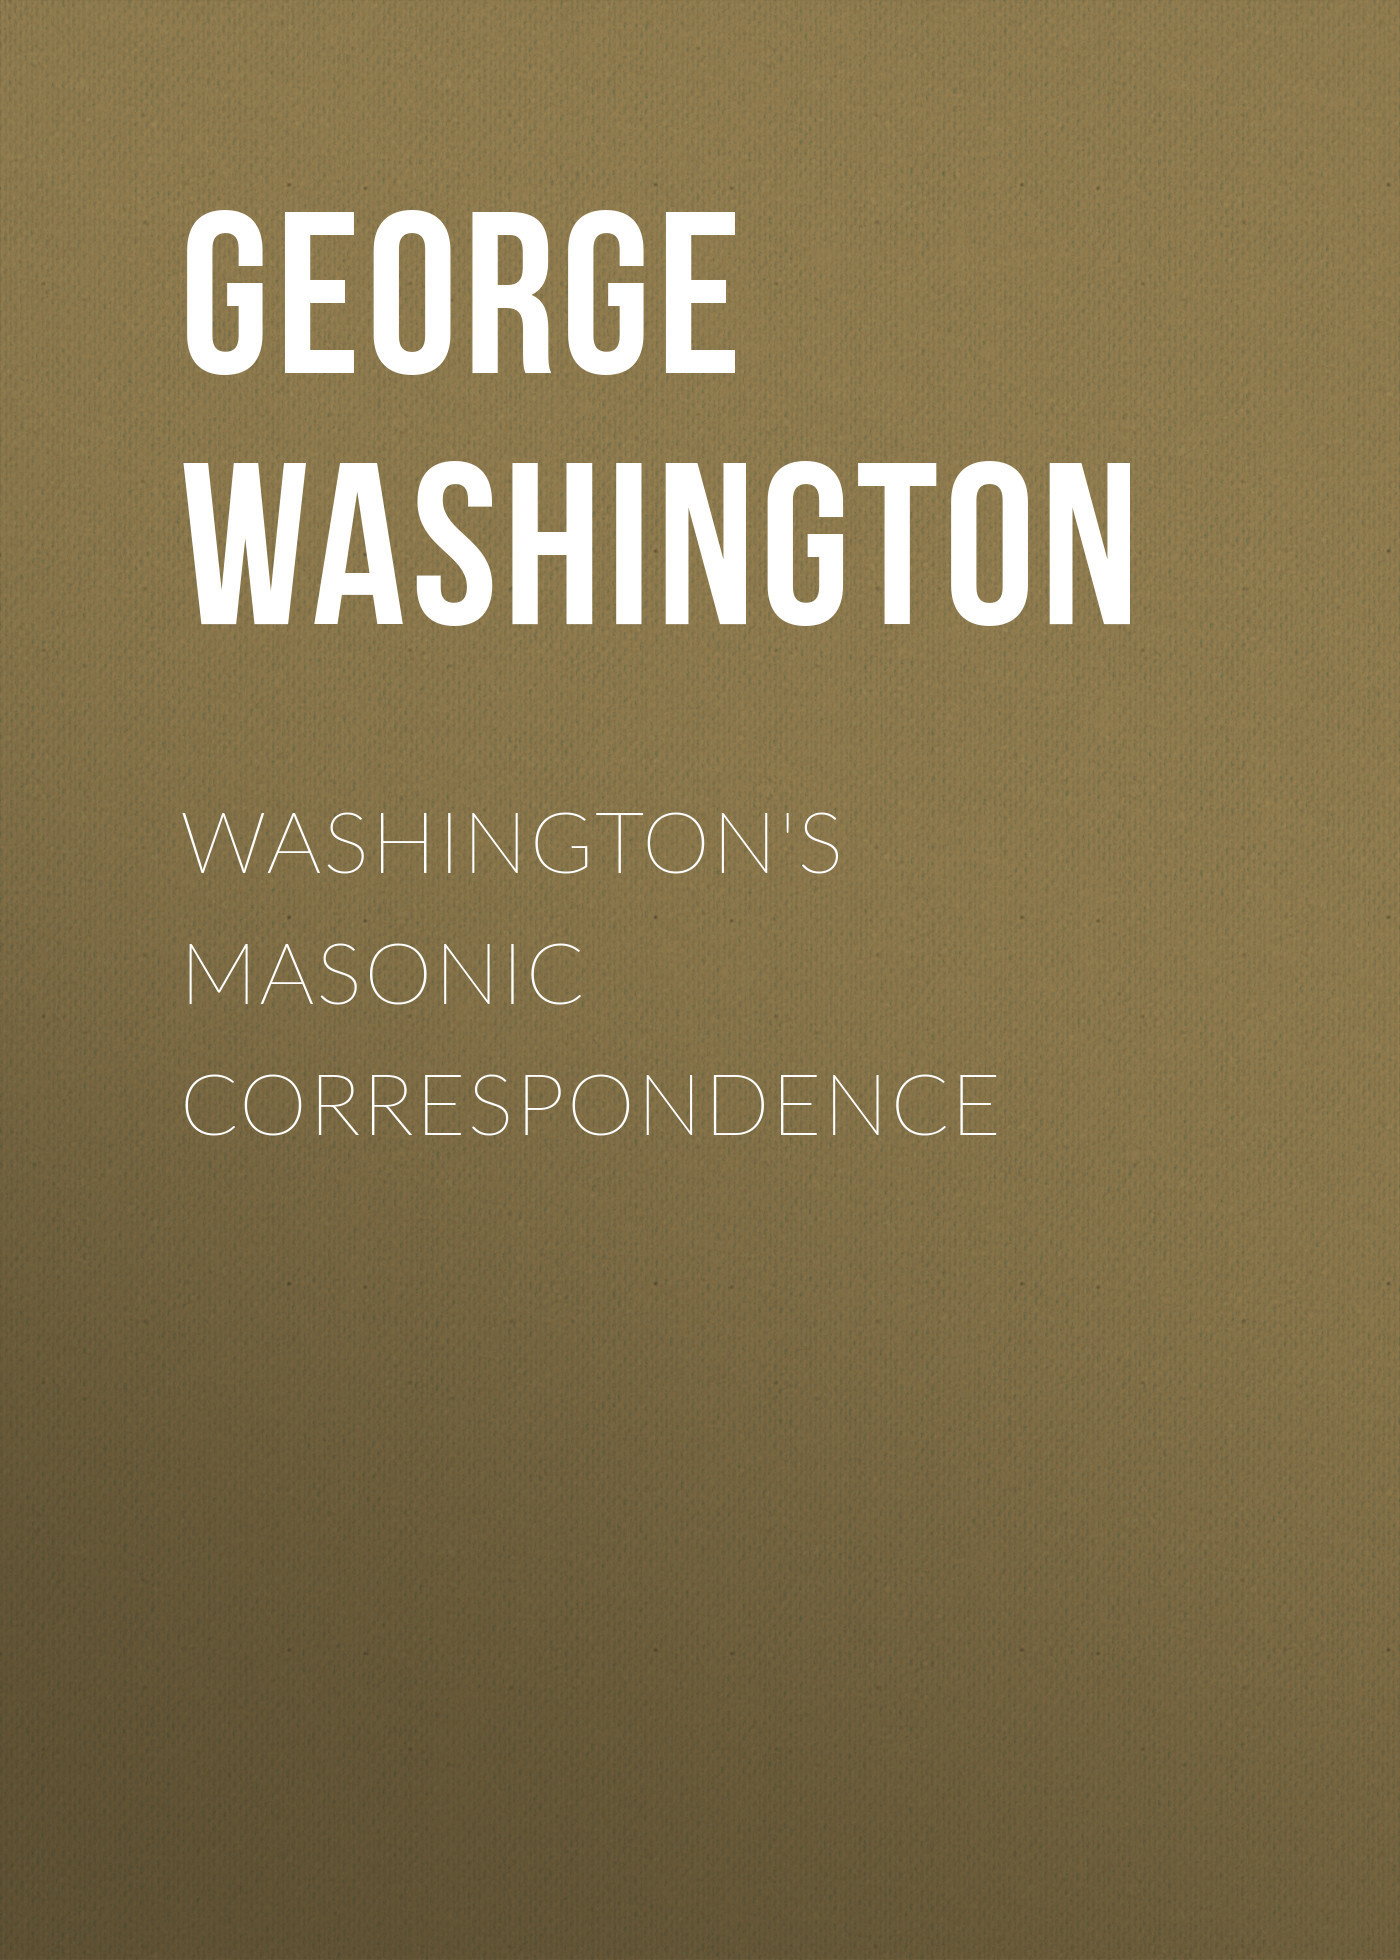 George Washington Washington's Masonic Correspondence edward lengel g a companion to george washington isbn 9781118219966